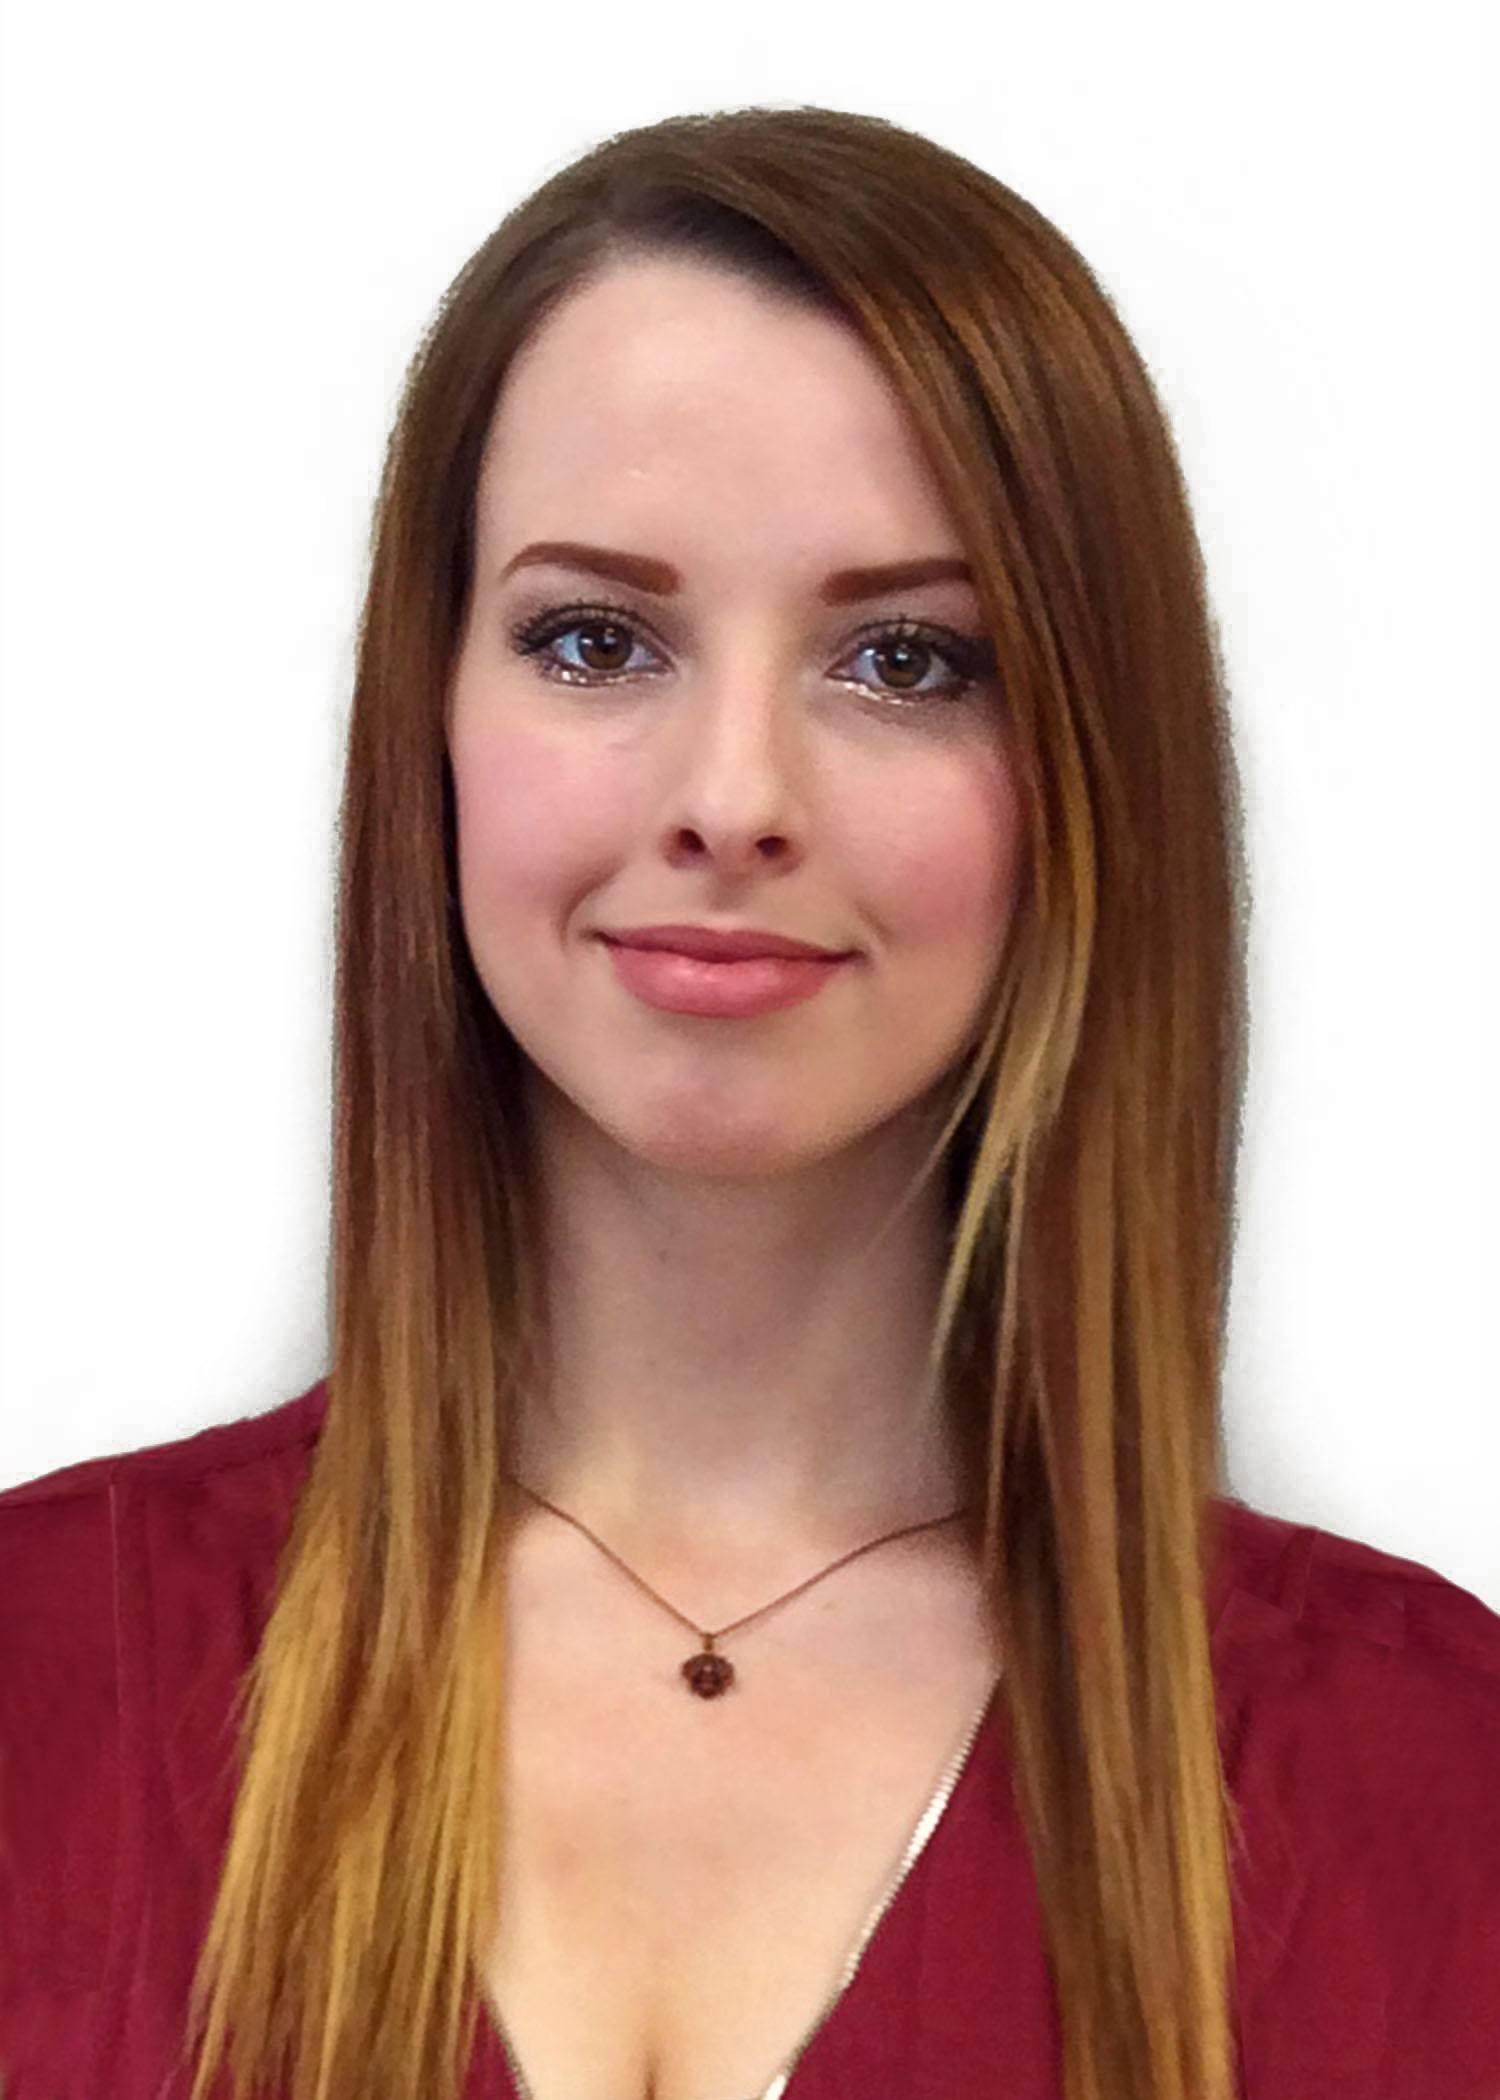 Lauren Pitt